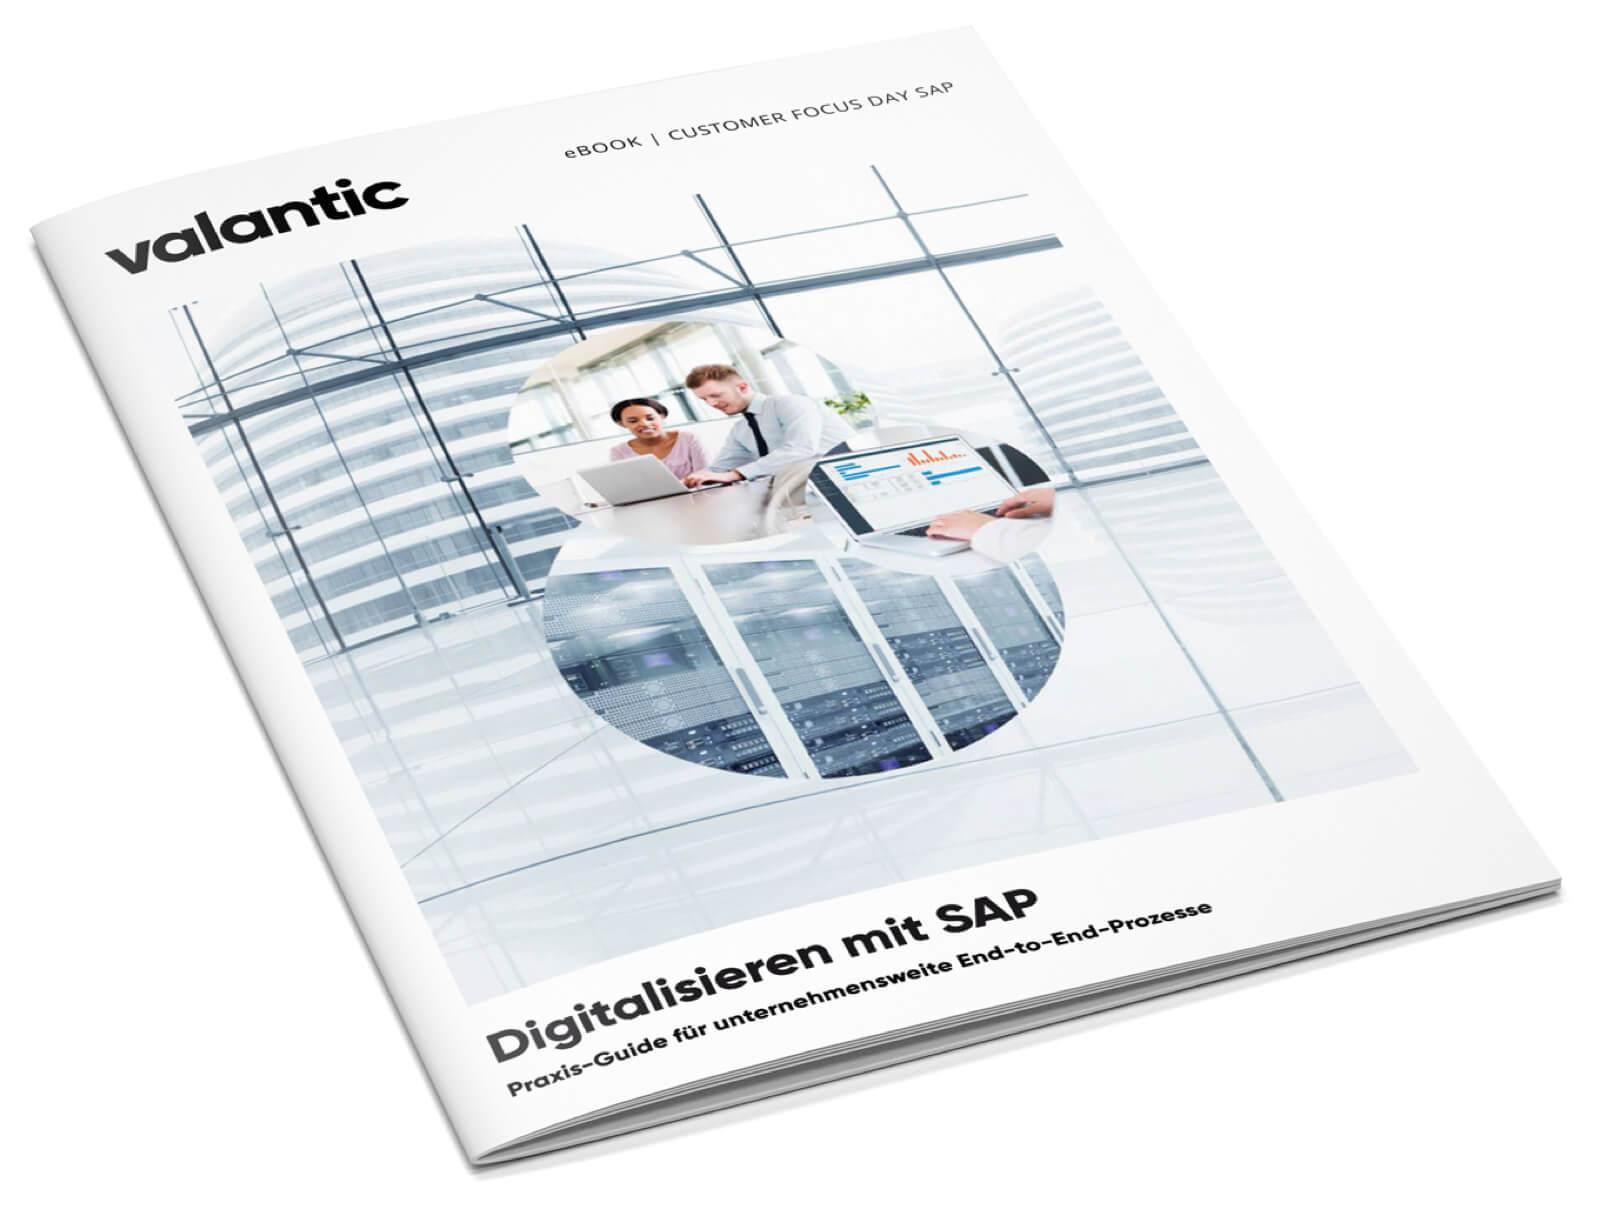 Bild vom Whitepaper Digitalisieren mit SAP